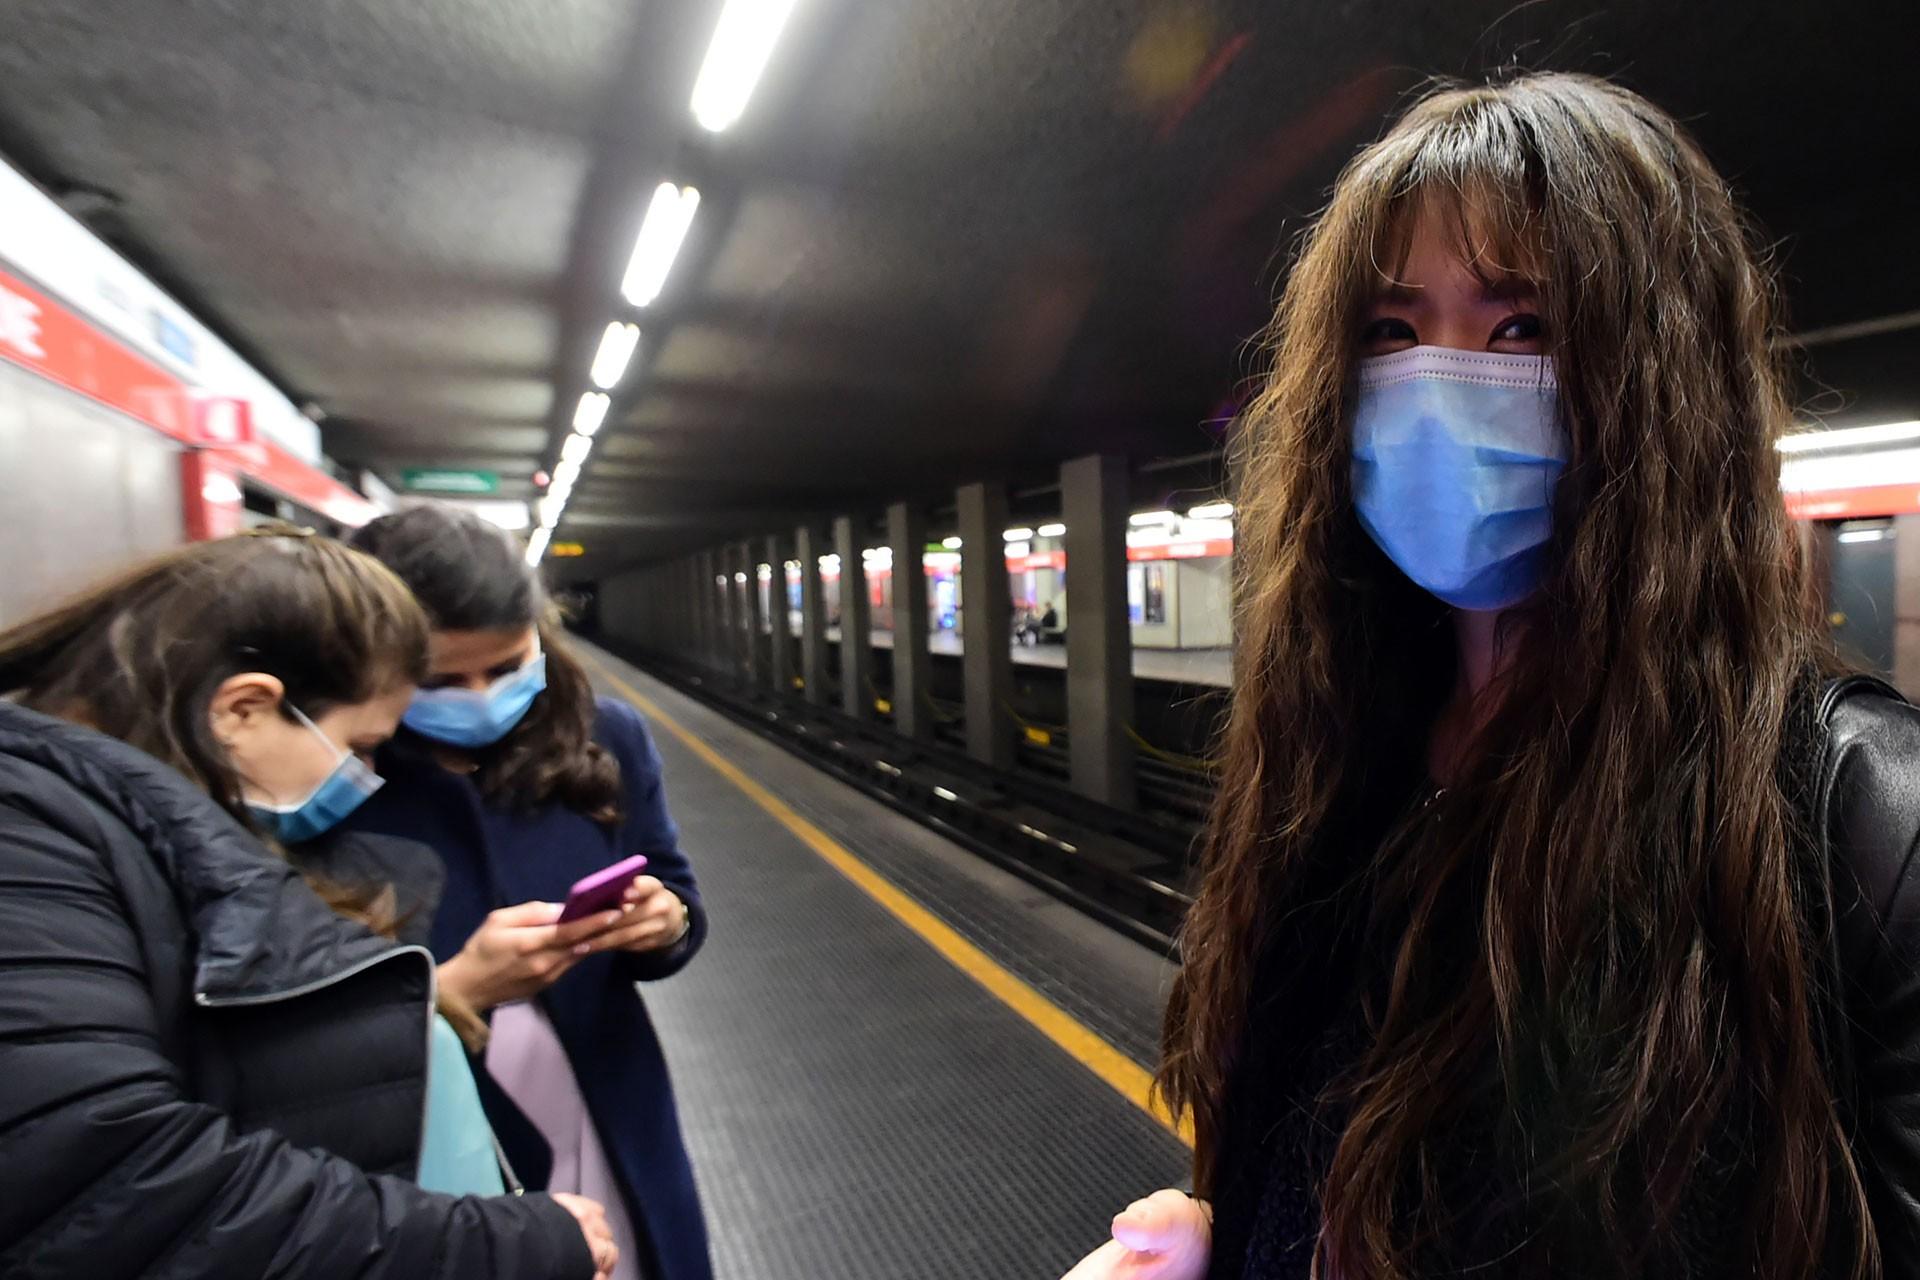 Metro istasyonunda bekleyen yüzü maskeli 3 Çinli kadın